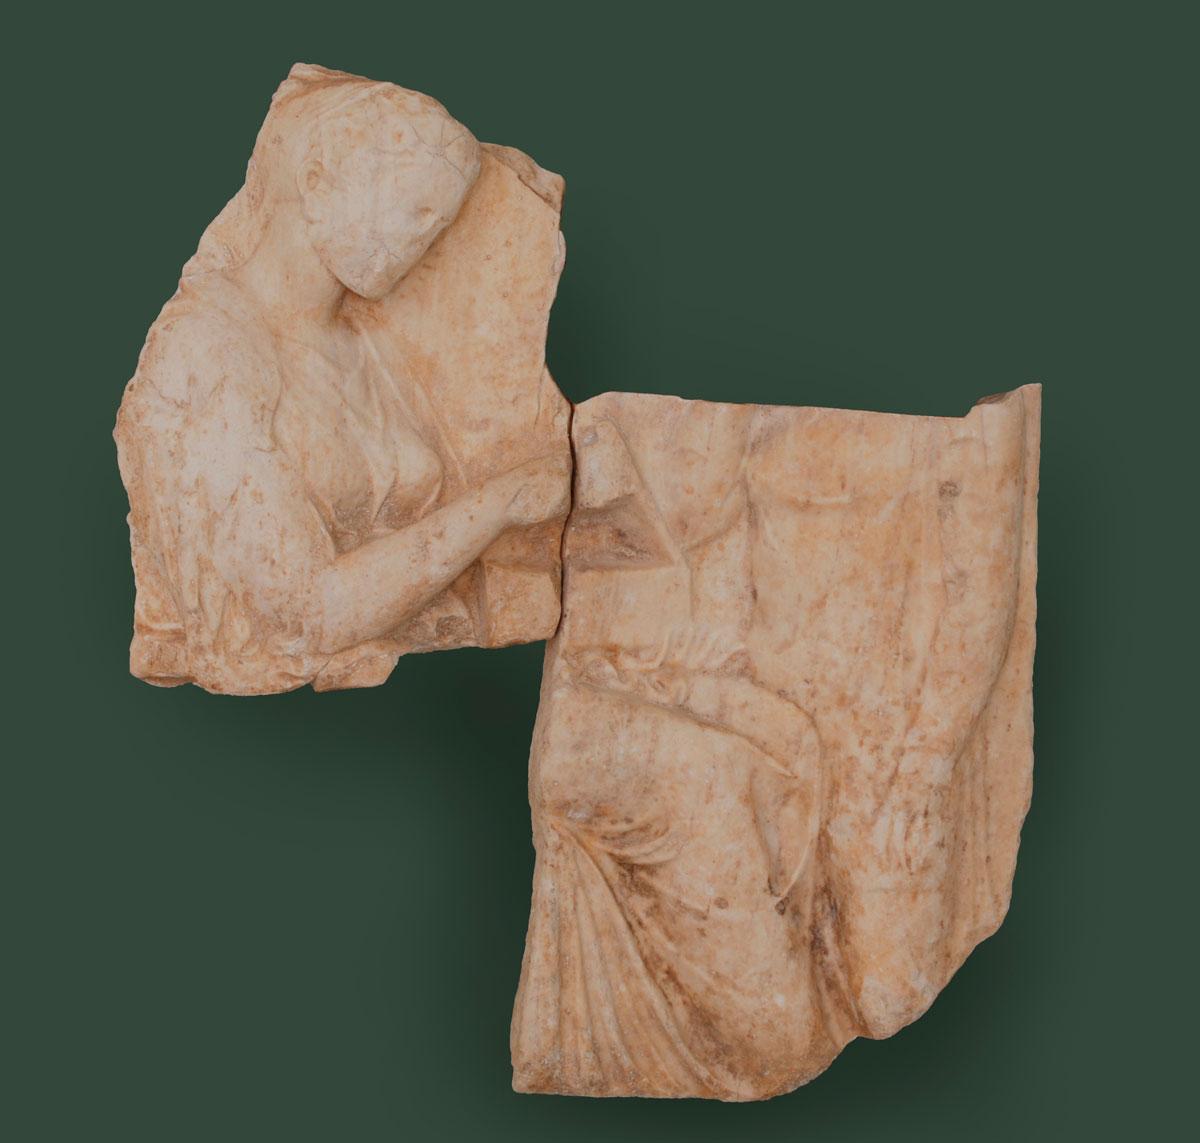 Εικ. 3. Τα δύο τμήματα επιτυμβίου αναγλύφου, που είχαν αγοραστεί από το Μουσείο Getty, τη δεκαετία του 1970, και αποδείχτηκε ότι συνανήκαν με ένα τρίτο, στις Συλλογές του Μουσείου Κανελλοπούλου. Ο επαναπατρισμός τους πραγματοποιήθηκε τον Μάρτιο του 2012. (© Διεύθυνση Τεκμηρίωσης και Προστασίας Πολιτιστικών Αγαθών)